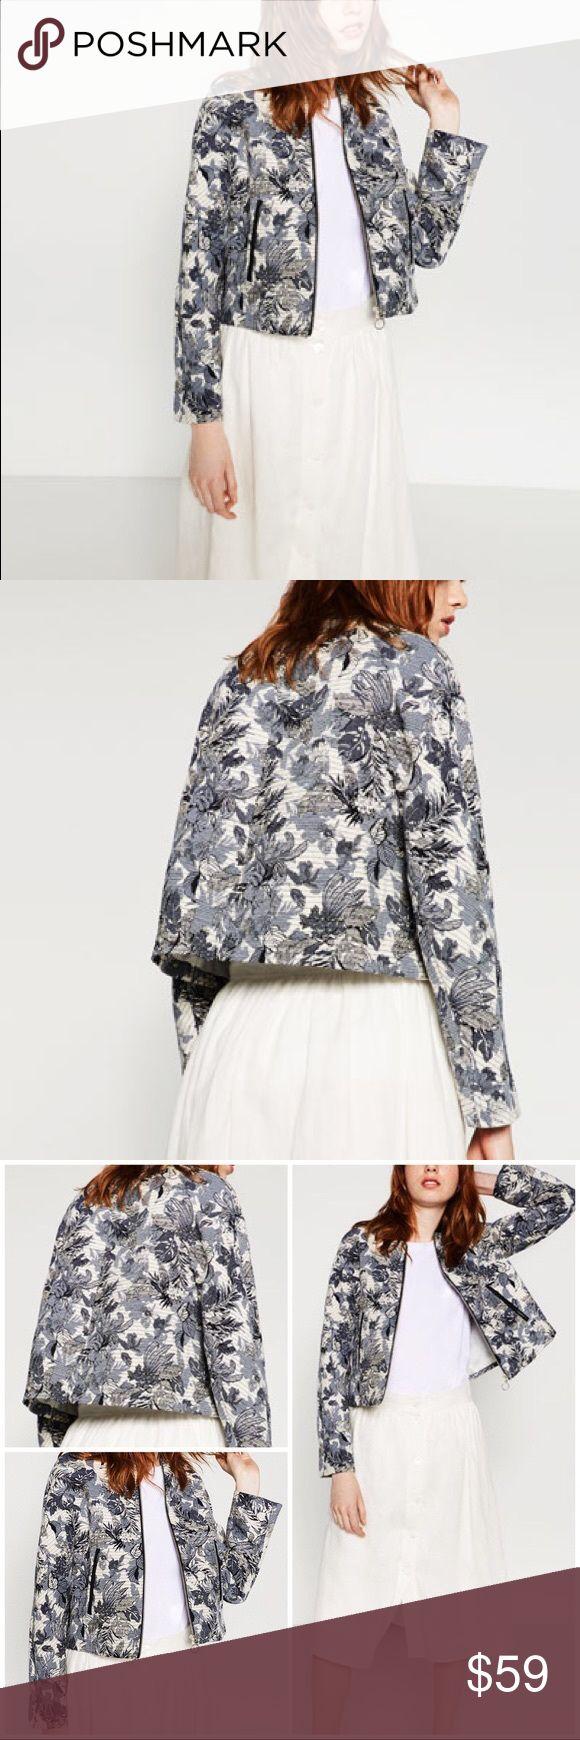 Zara Floral Jacquard Bomber Jacket Floral bomber jacket